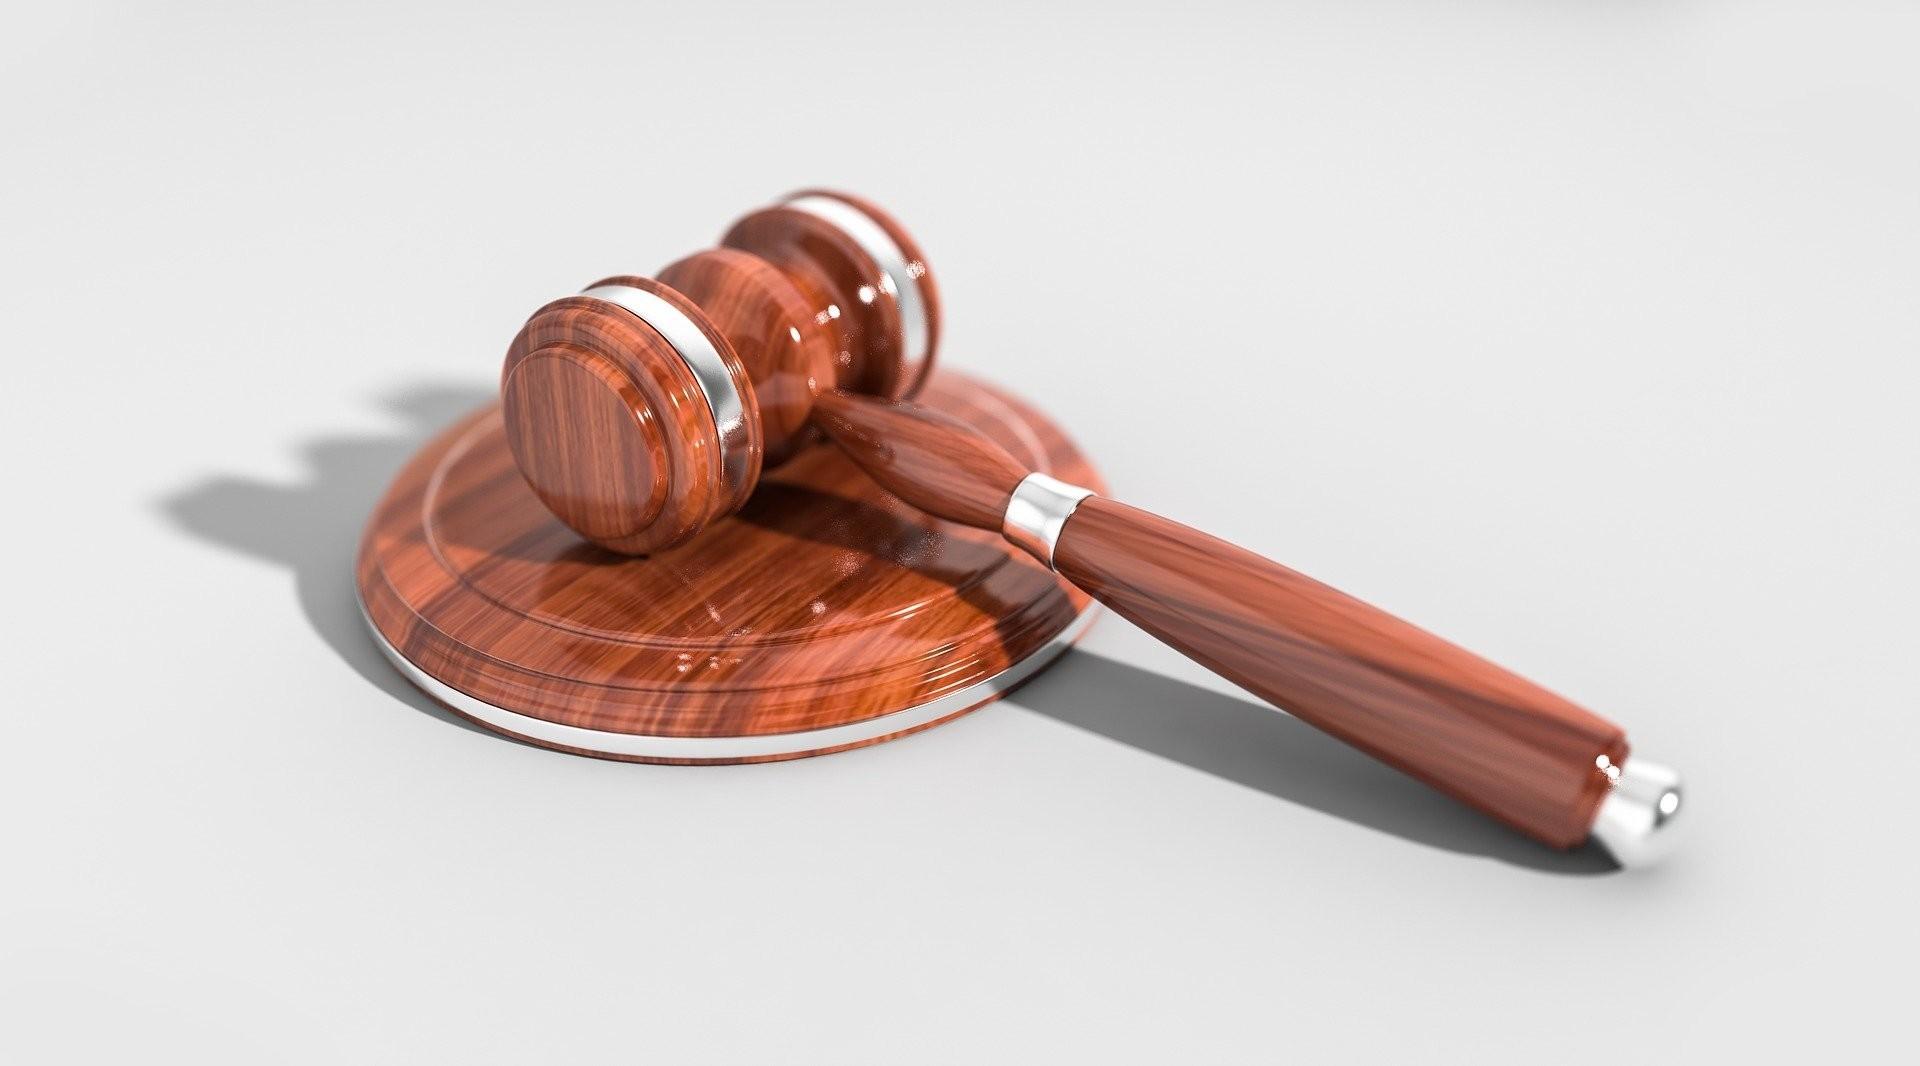 Lo stato ti chiede soldi per un vecchio reato che hai commesso? Ecco cosa fare!